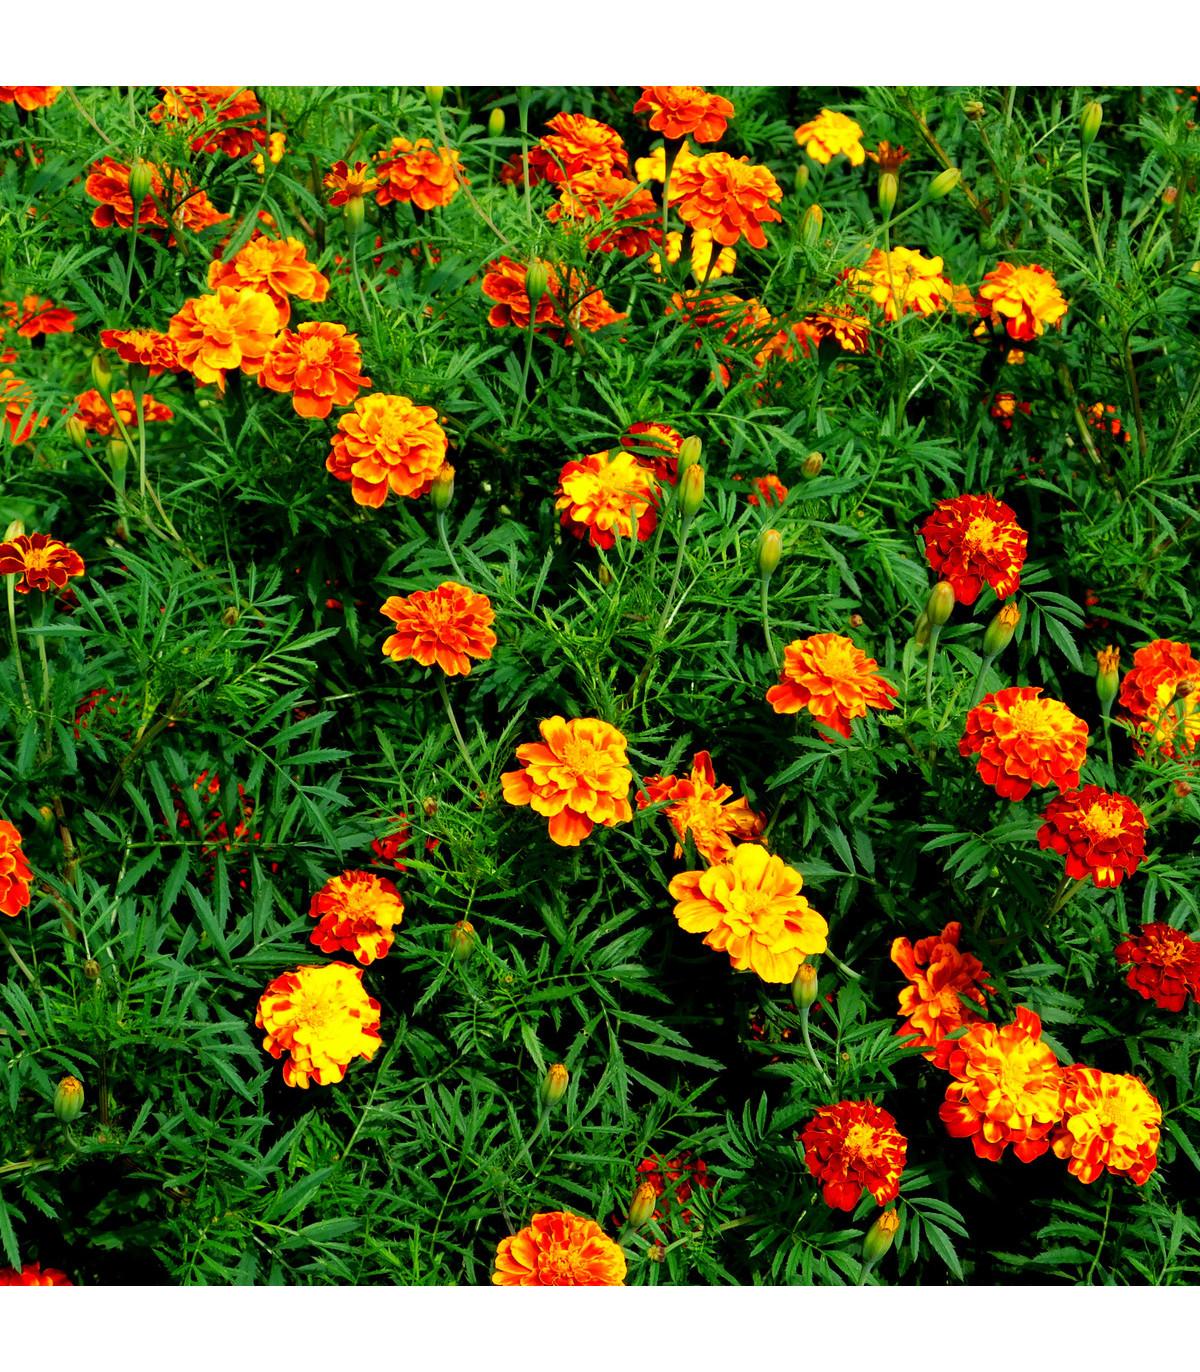 Aksamitník vysoký směs- semena Aksamitníku- 100 ks